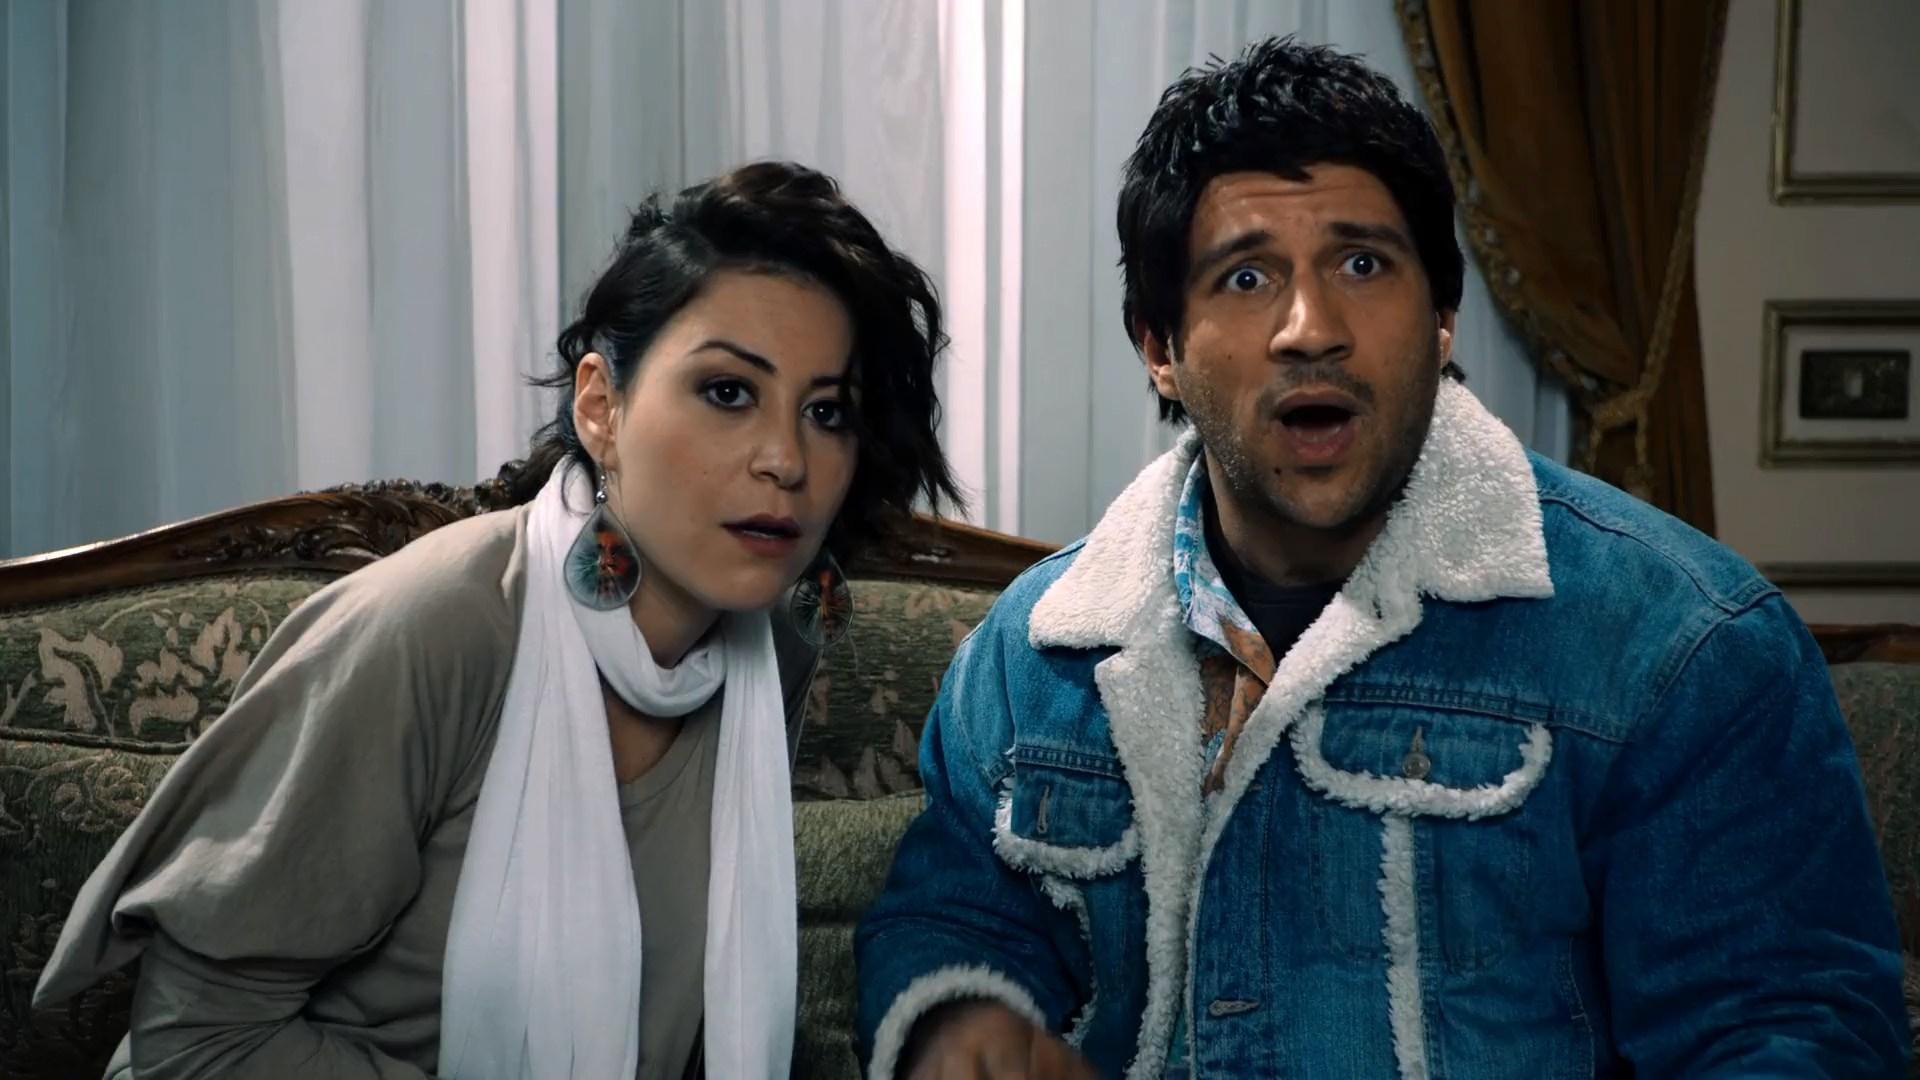 [فيلم][تورنت][تحميل][سمير أبو النيل][2013][1080p][Web-DL] 8 arabp2p.com